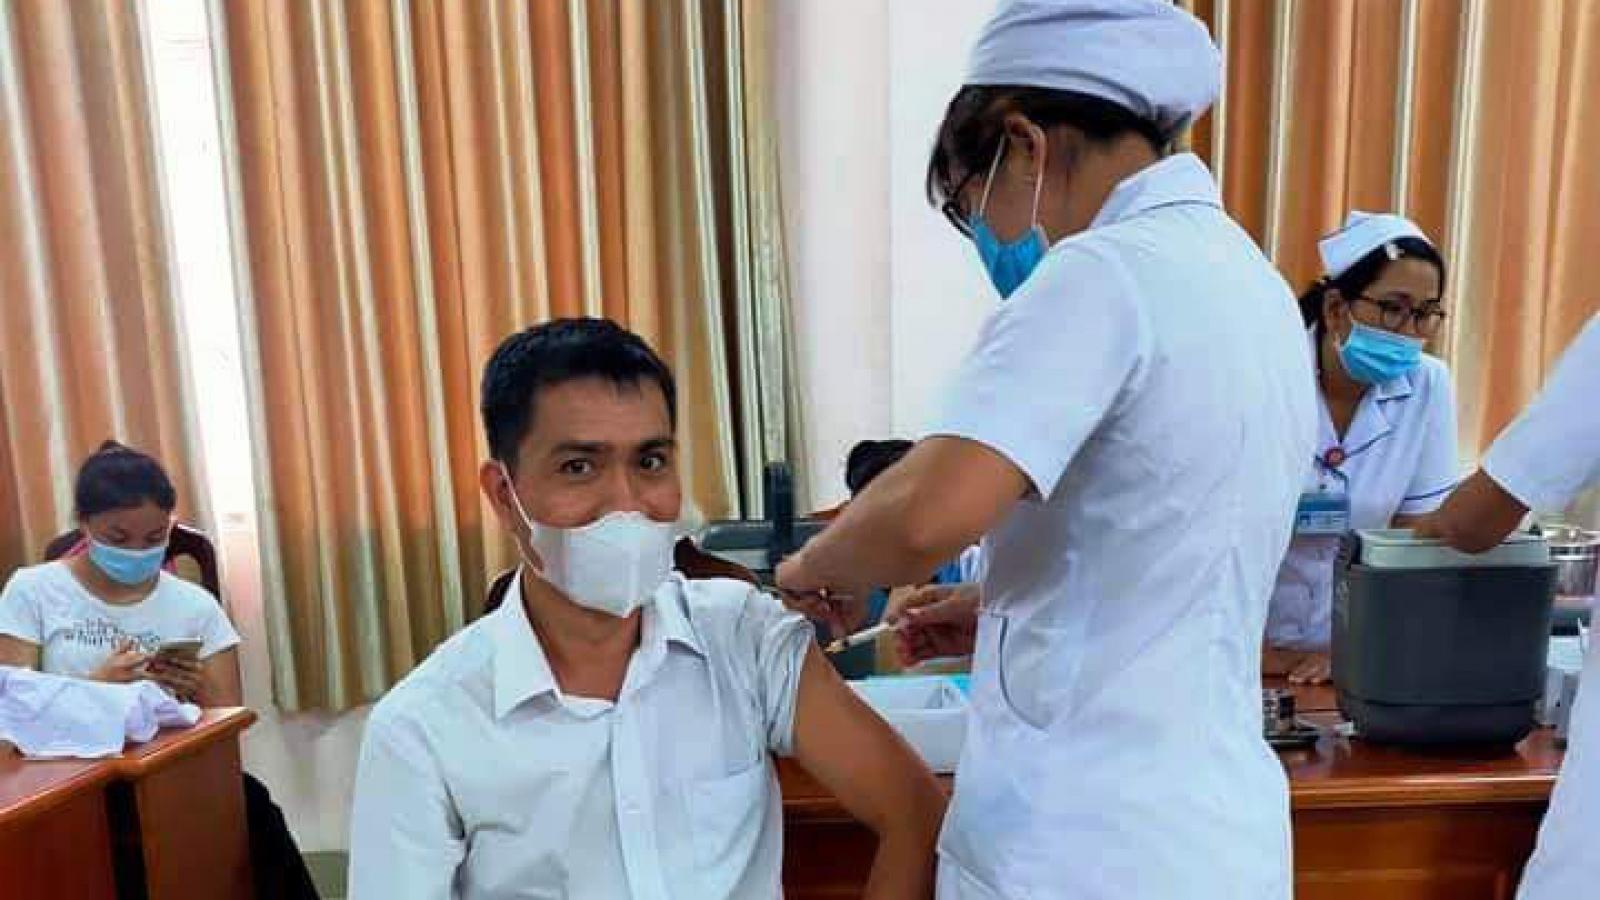 Bình Dương triển khai tiêm 1 triệu liều vaccine Covid-19 cho người dân